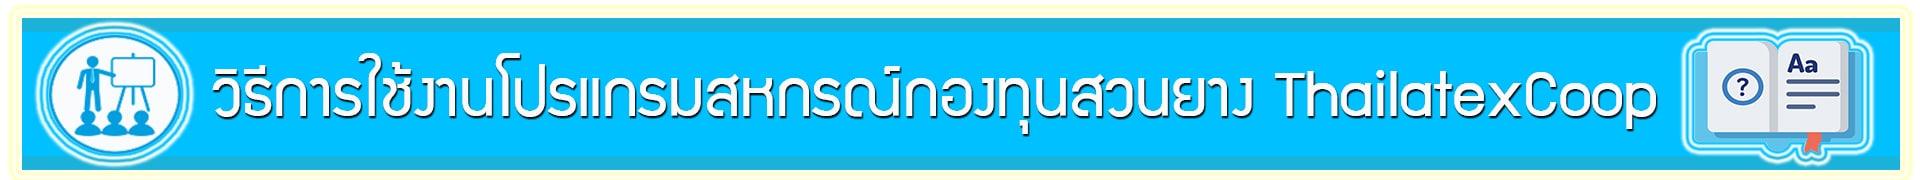 วิธีใช้งานโปรแกรมสหกรณ์กองทุนสวนยาง thailatexcoop